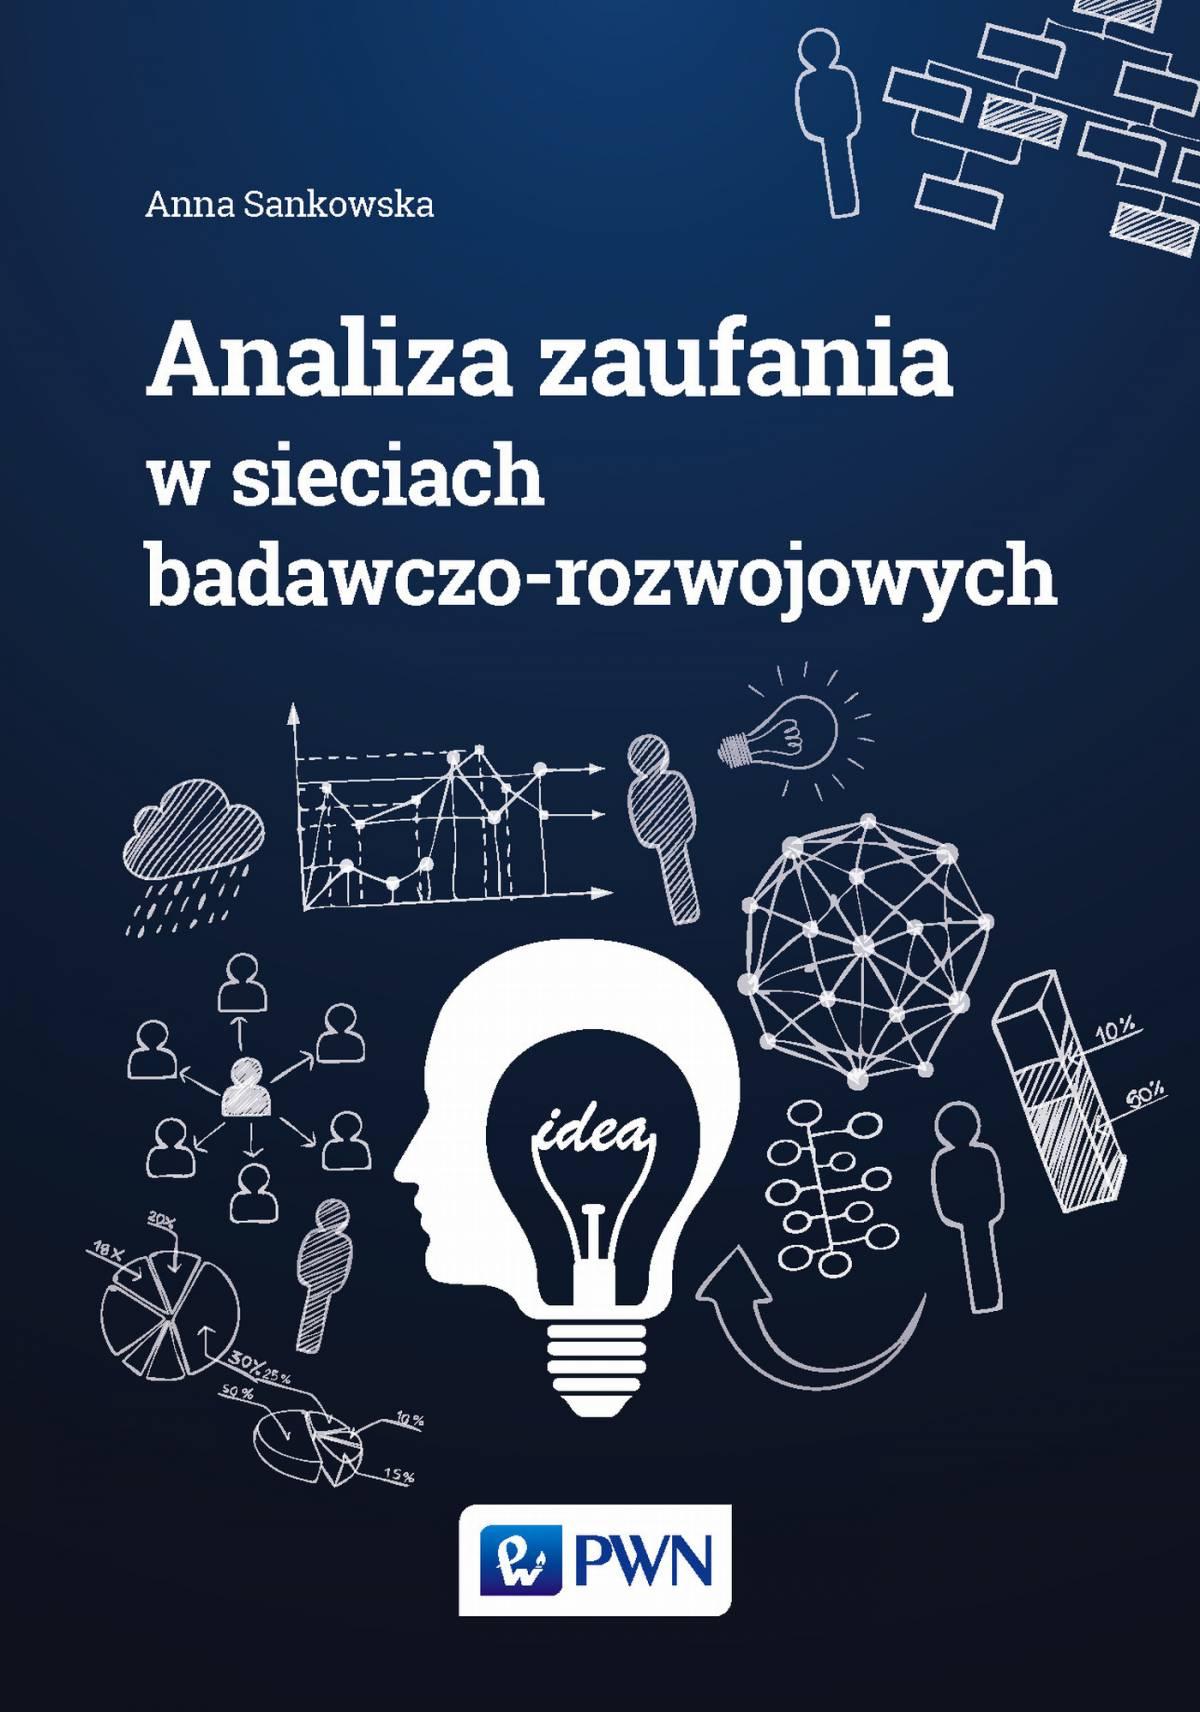 Analiza zaufania w sieciach badawczo-rozwojowych - Ebook (Książka na Kindle) do pobrania w formacie MOBI